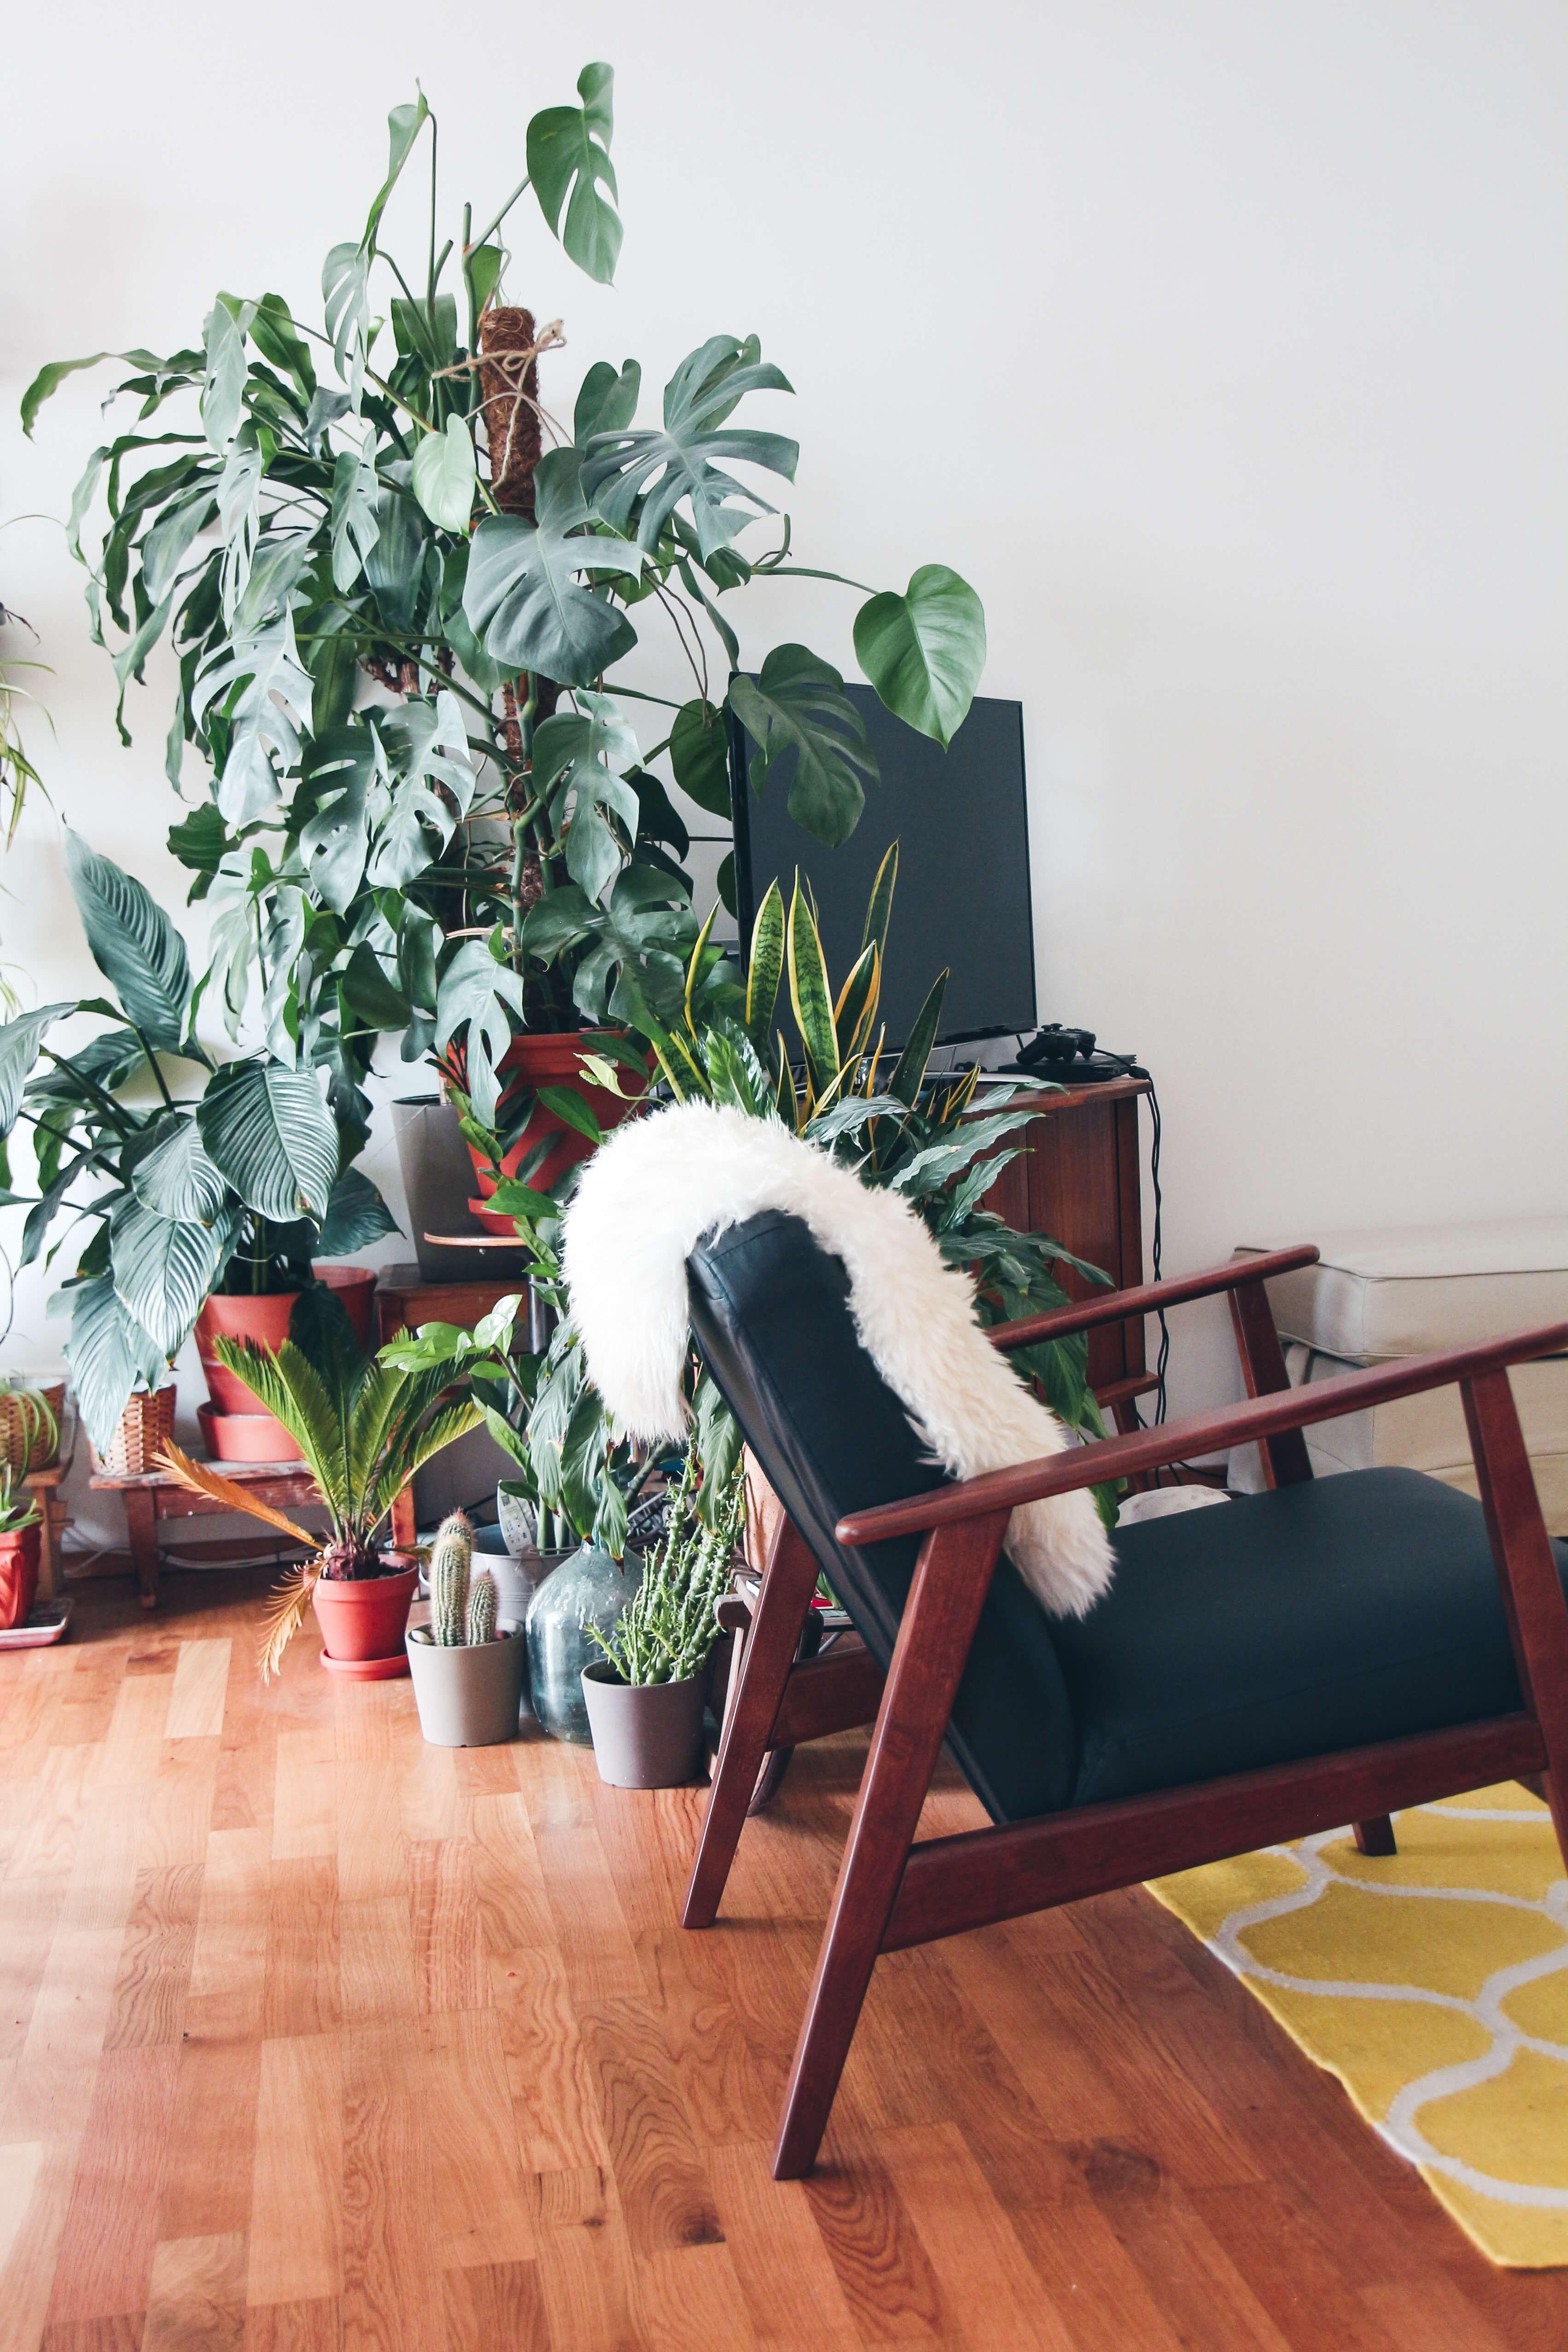 interior wellbeing